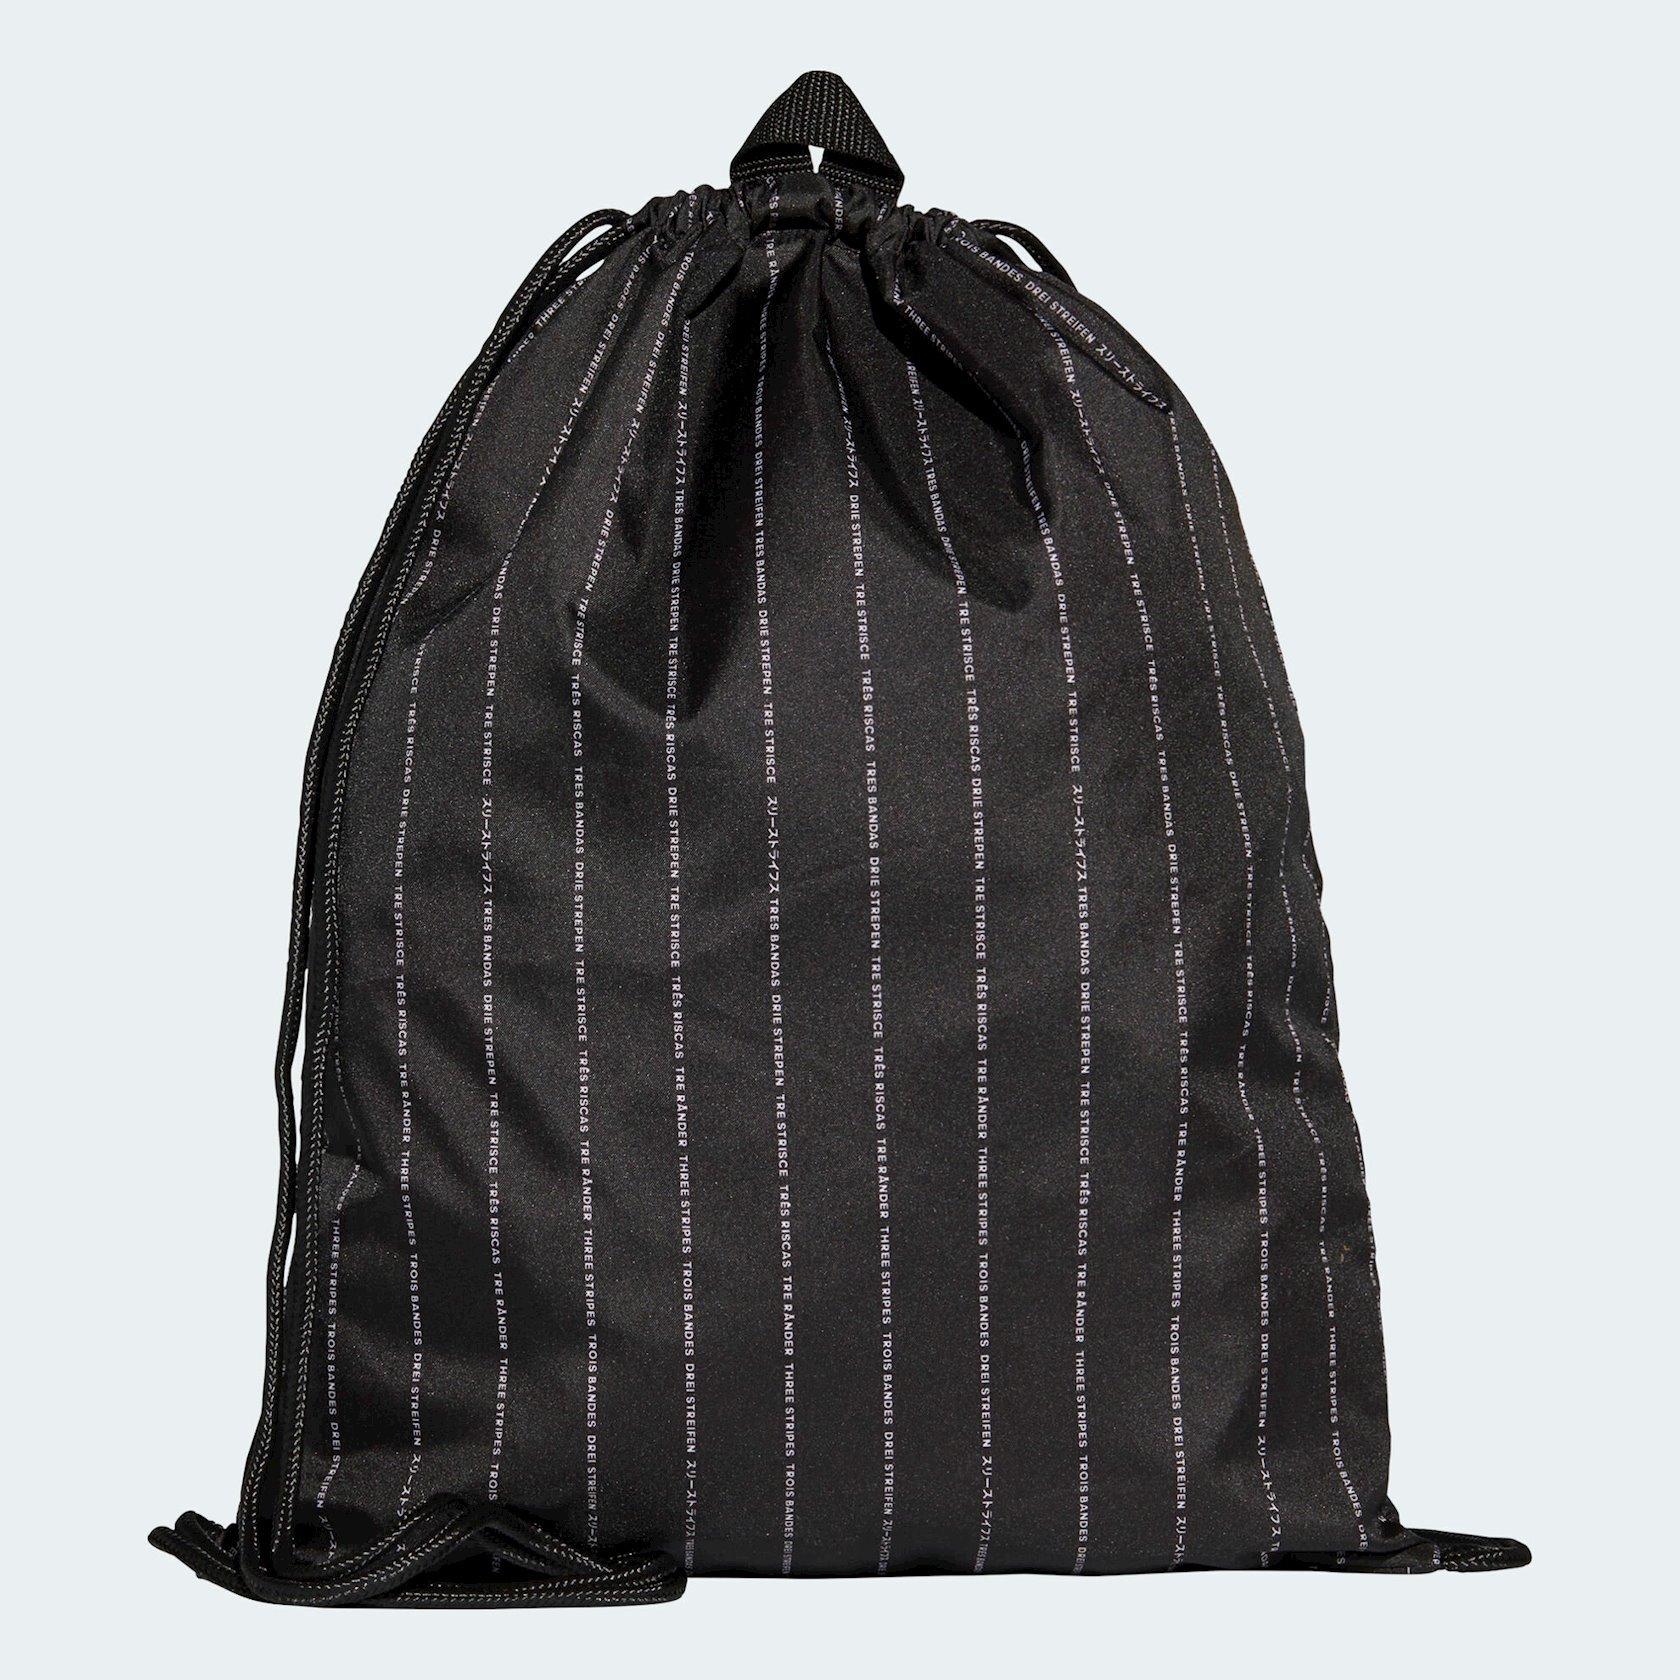 Ayaqqabılar üçün torba ADIDAS PERFORMANCE LOGO DM7666 GYMSACK, Uniseks, Polyester, Qara